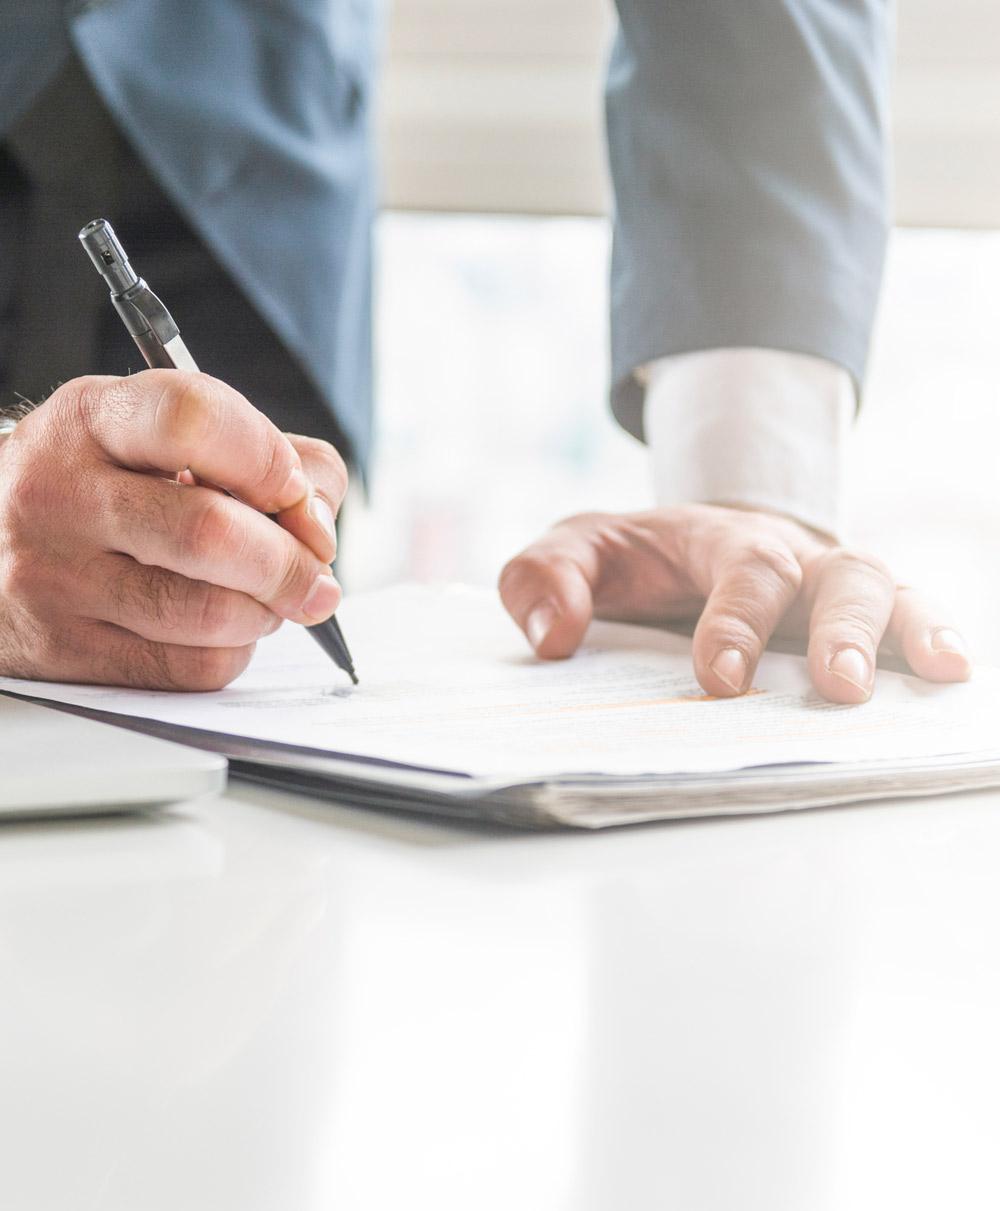 Liste Ordre Des Architectes les procédures de consultation de l'architecte - l'expert